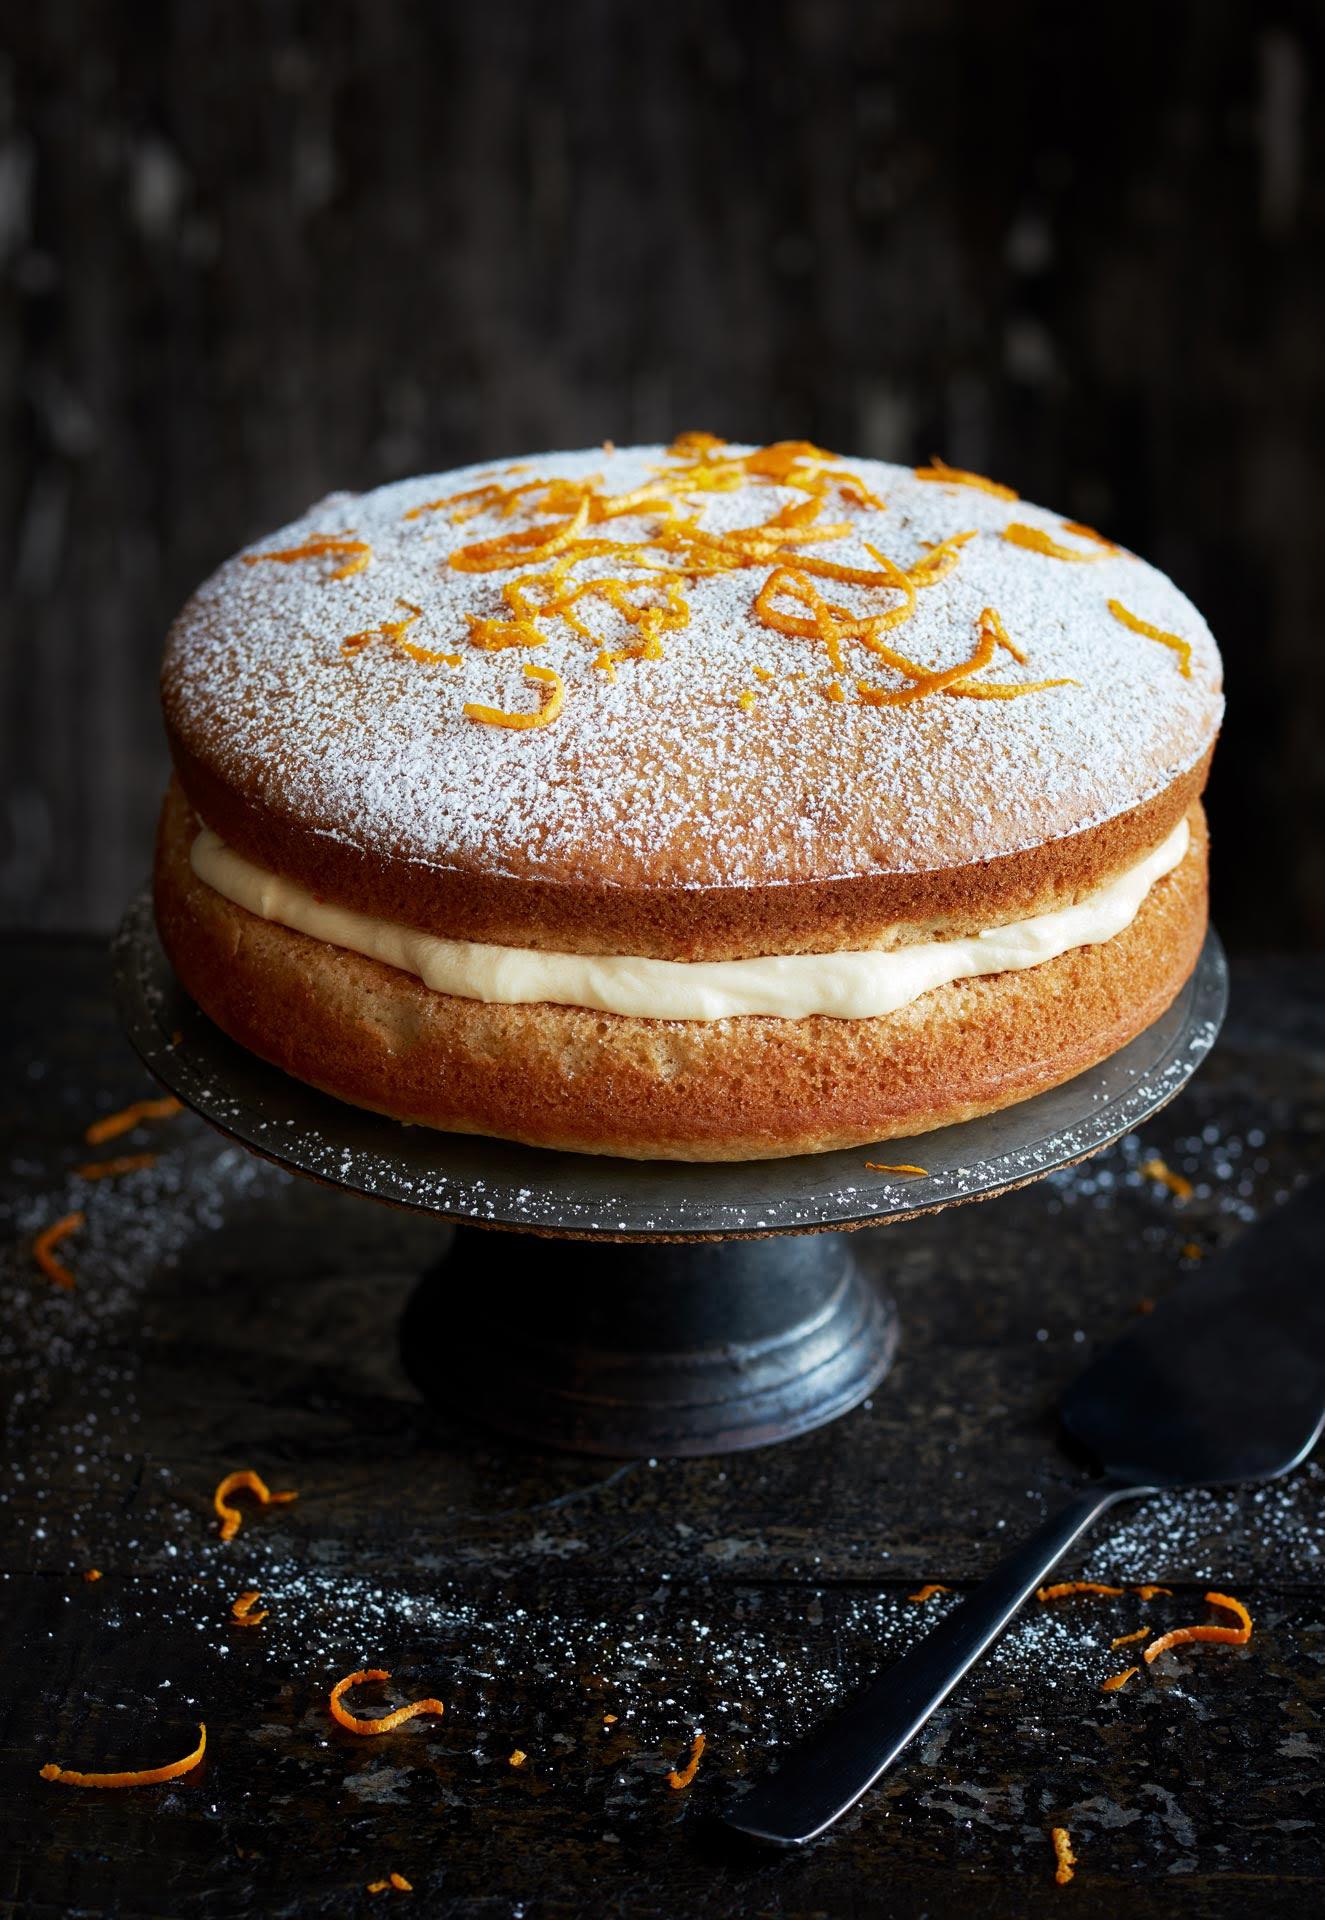 Jamie Orlando Smith - cake